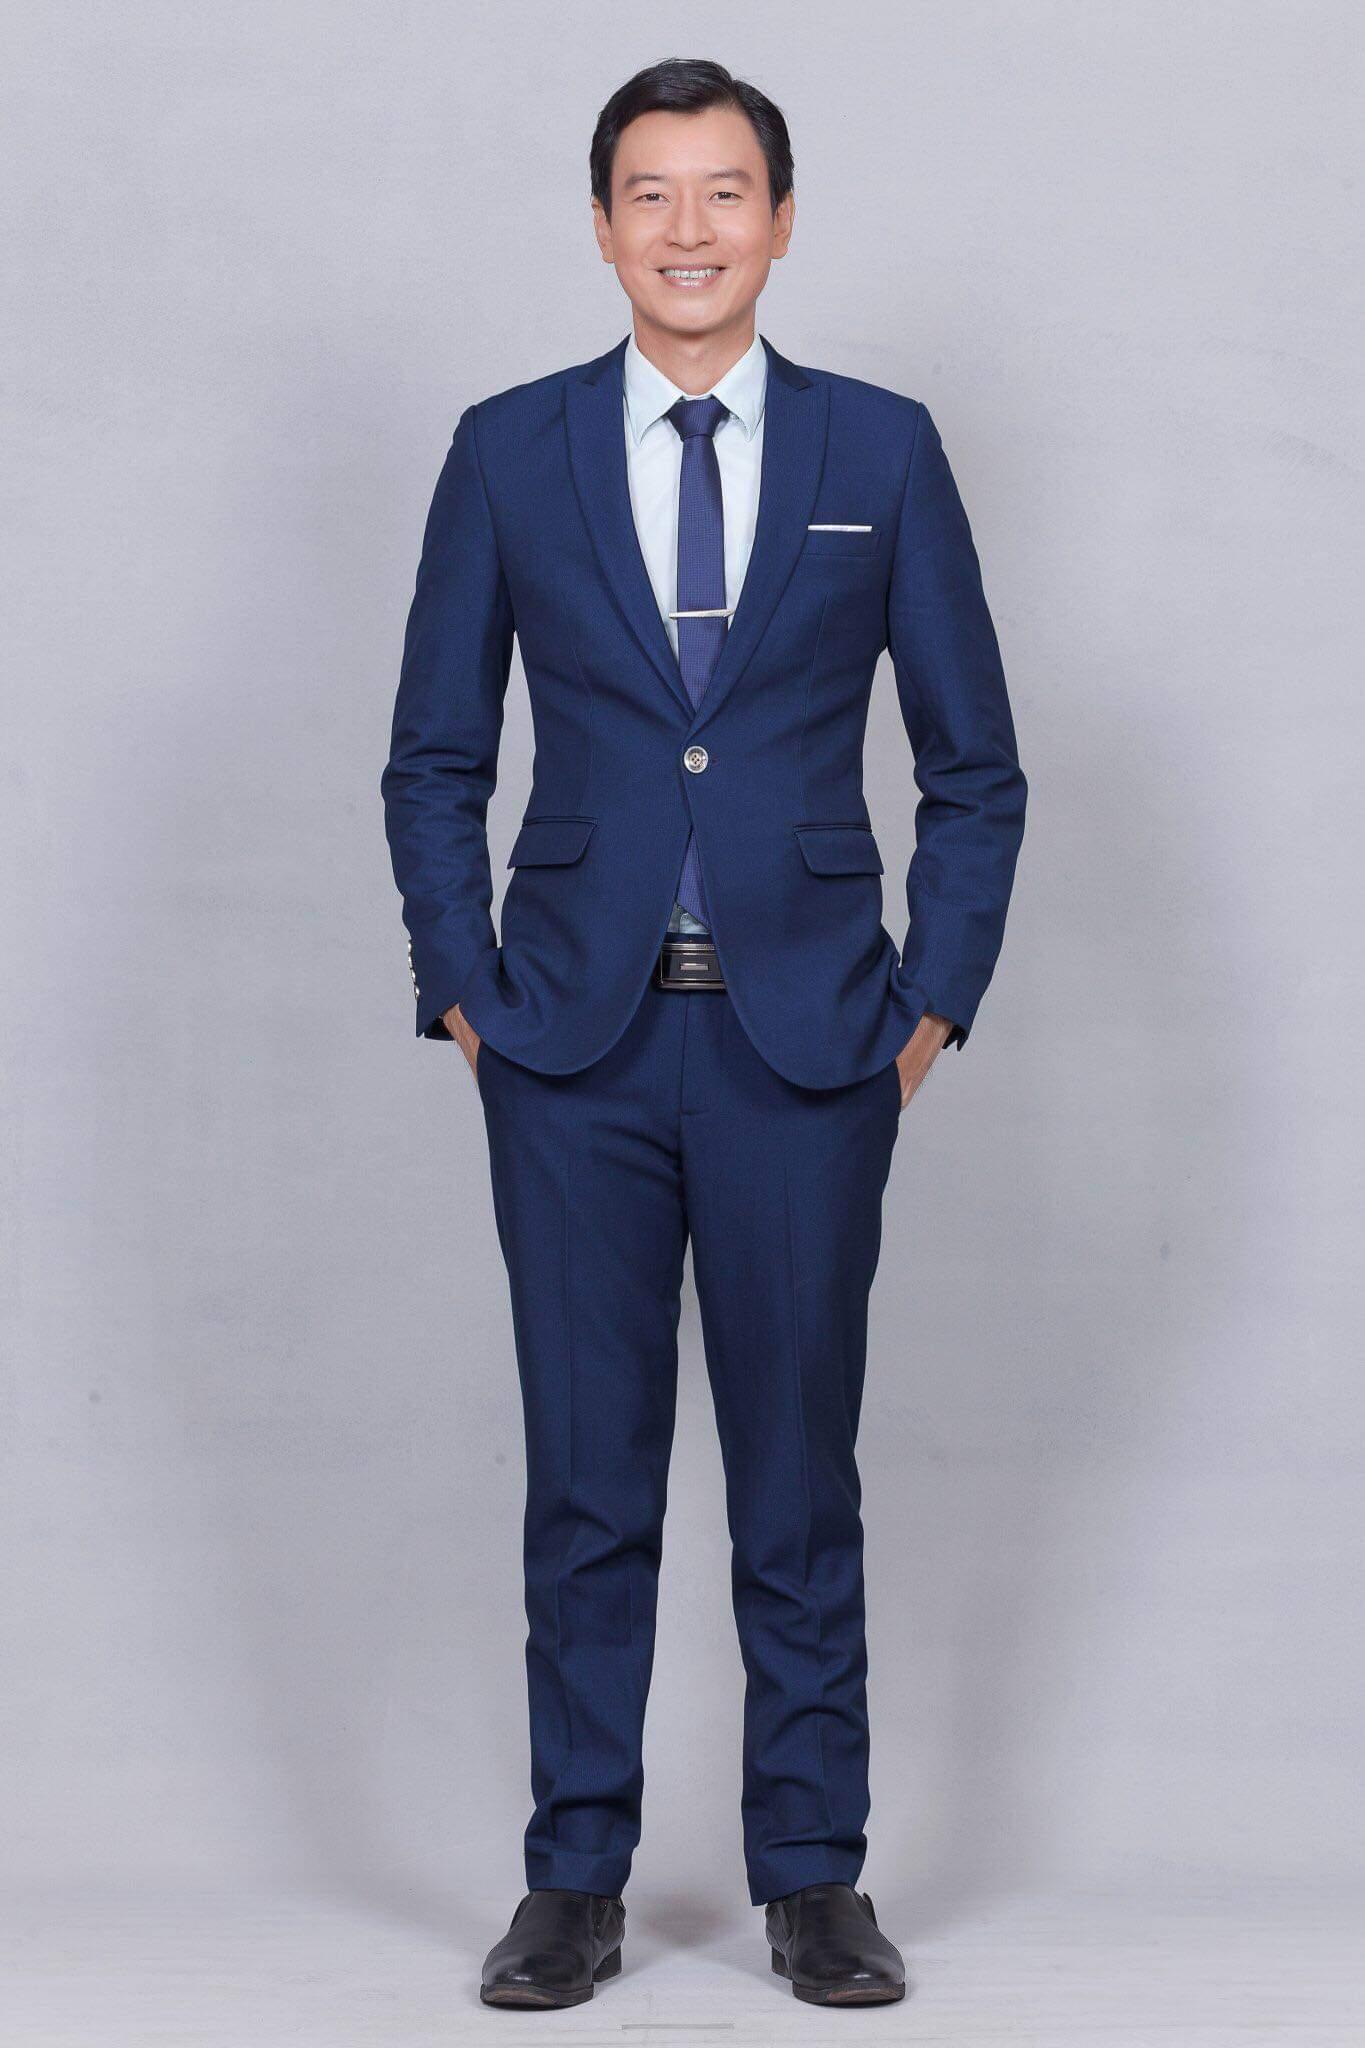 Sam - Minh Nguyên